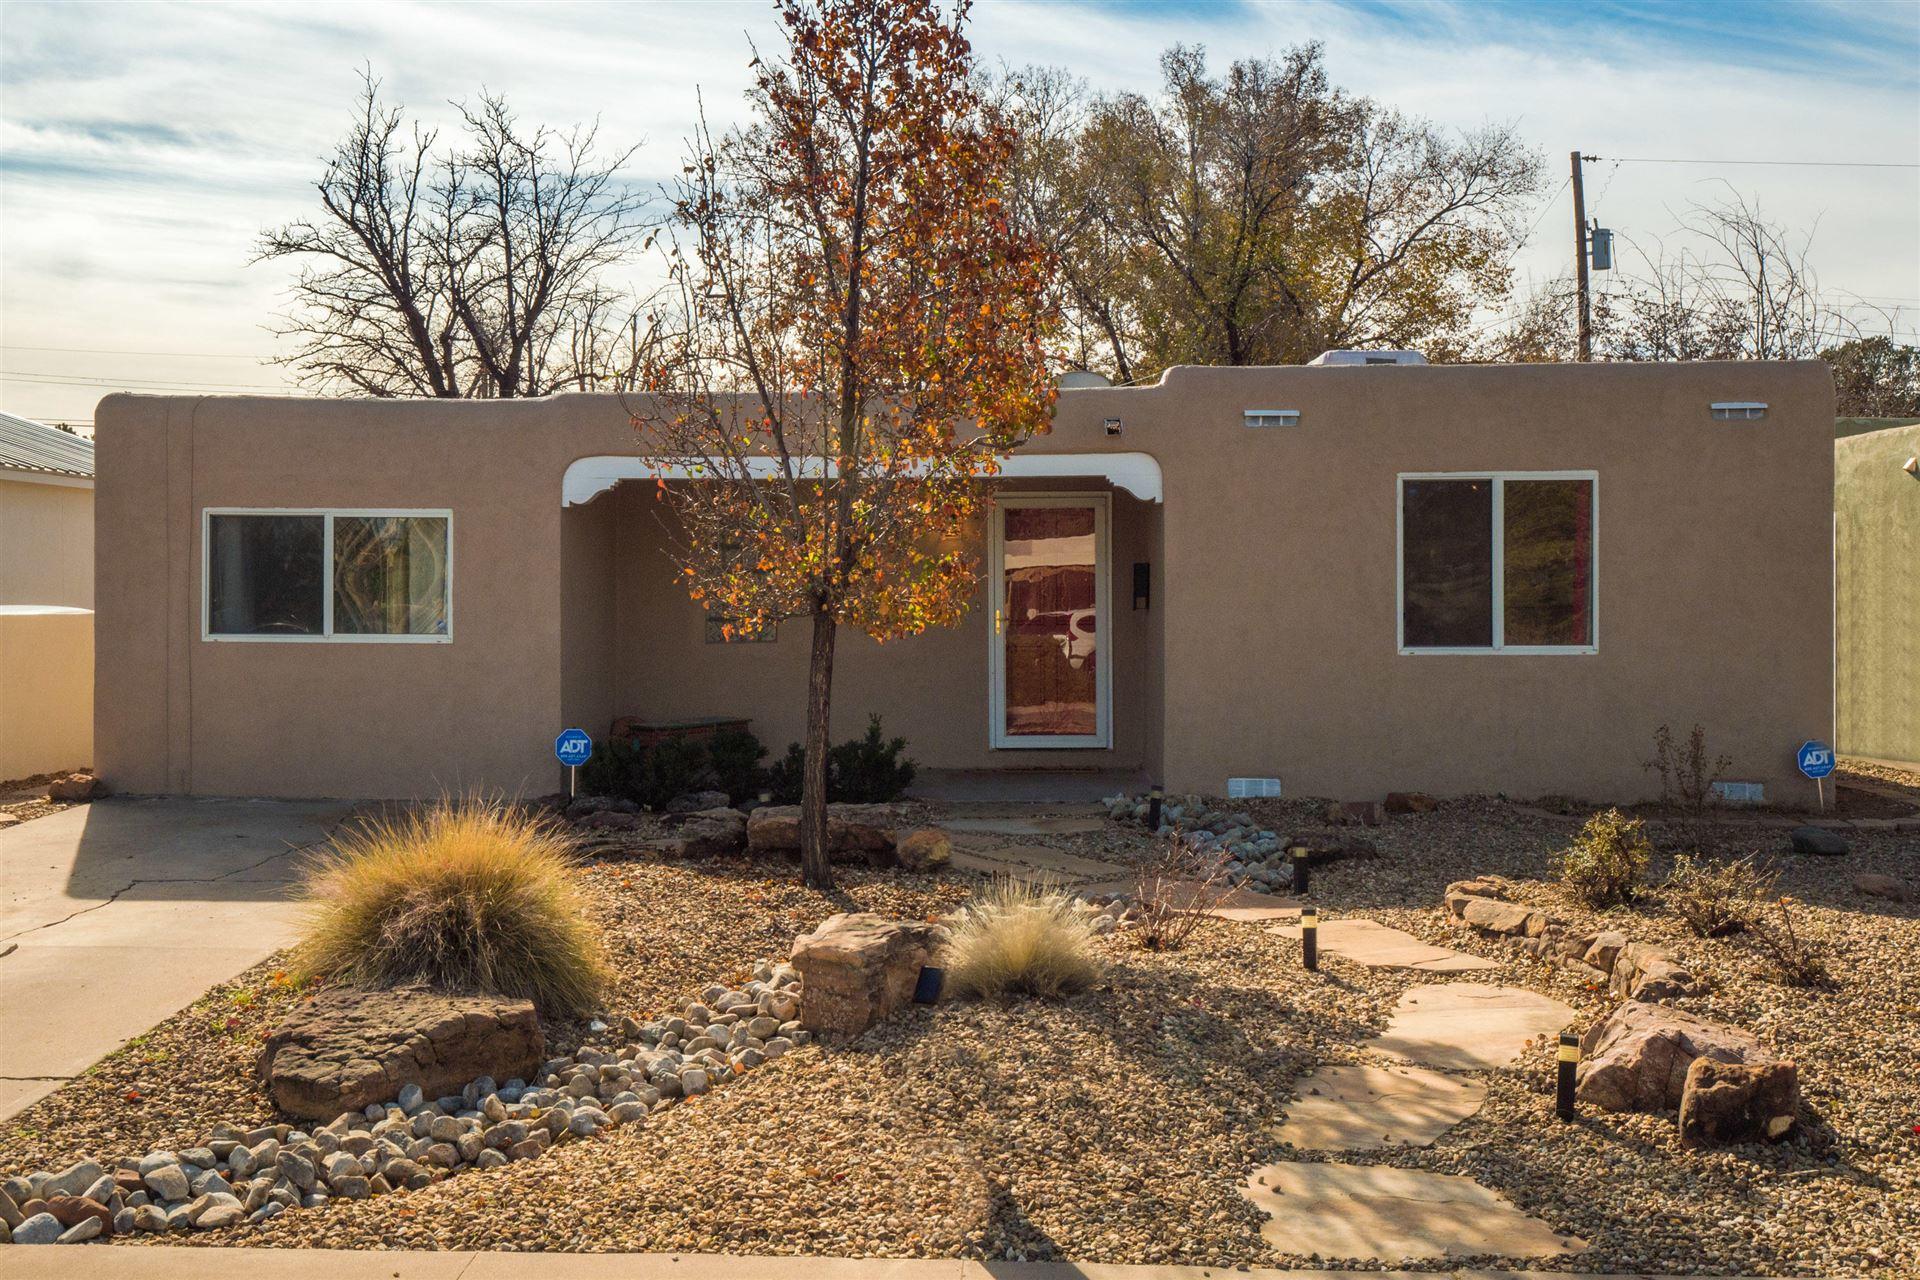 5016 PERSHING Avenue SE, Albuquerque, NM 87108 - MLS#: 981047